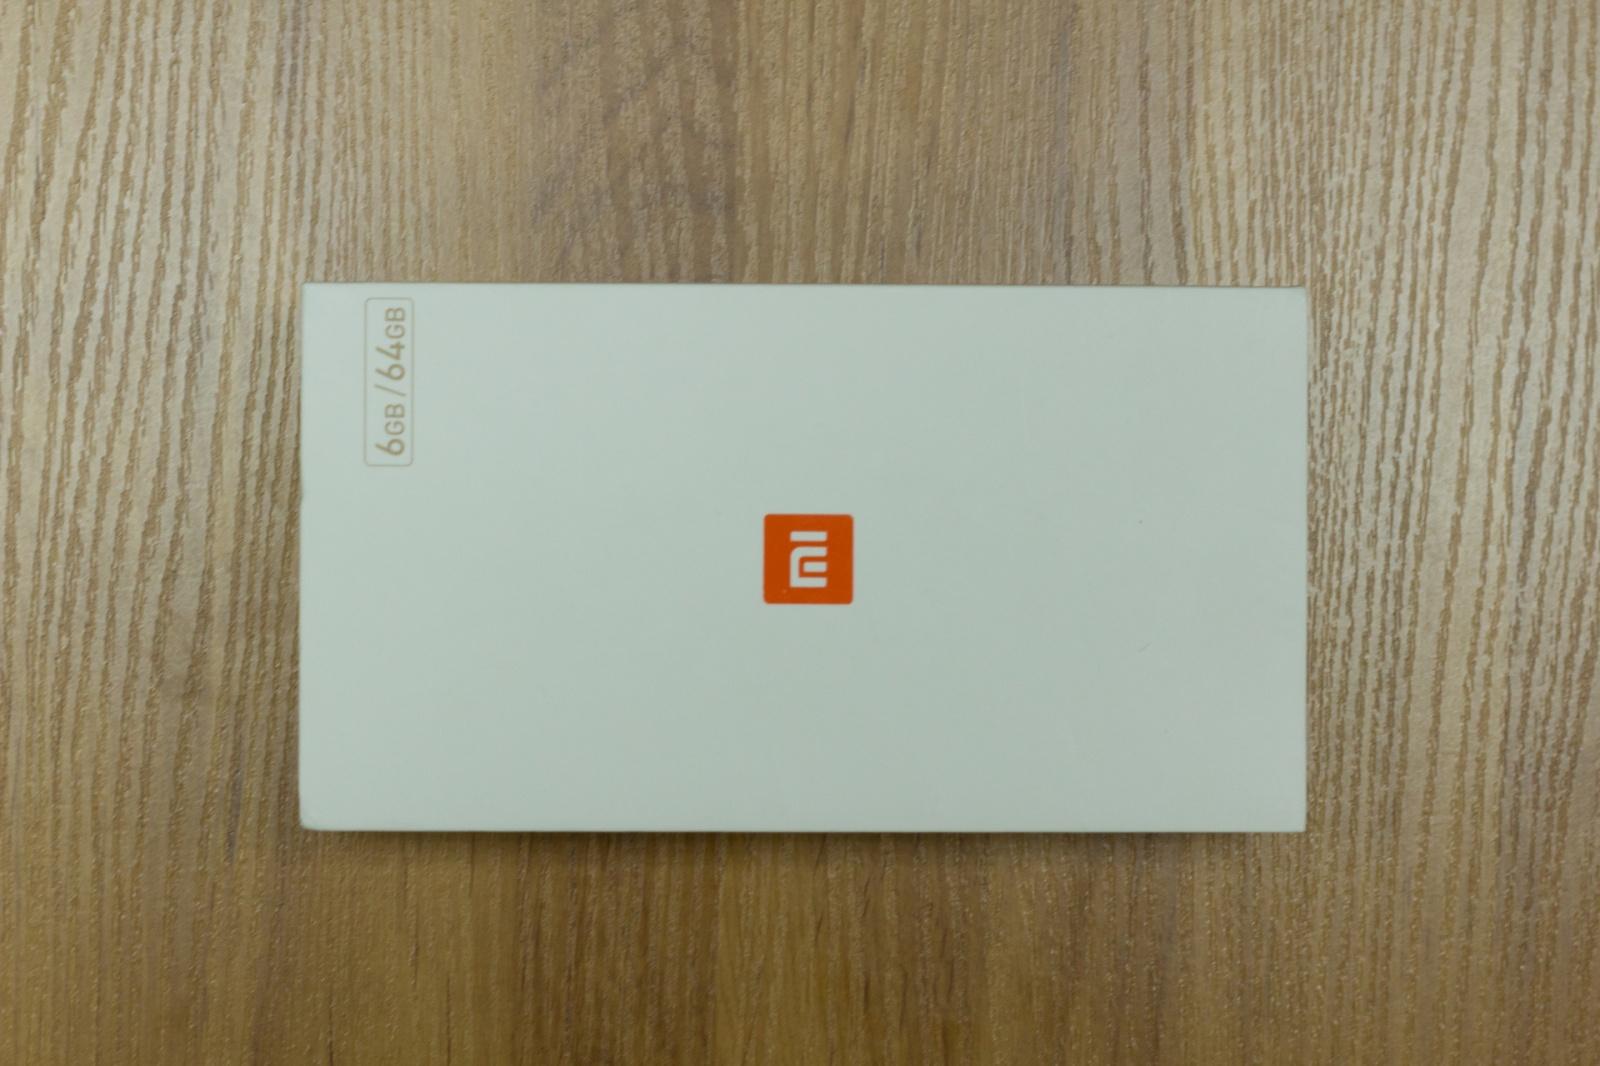 Обзор Xiaomi Mi6. Настоящий флагман за полцены, и при этом не совсем лопата - 18